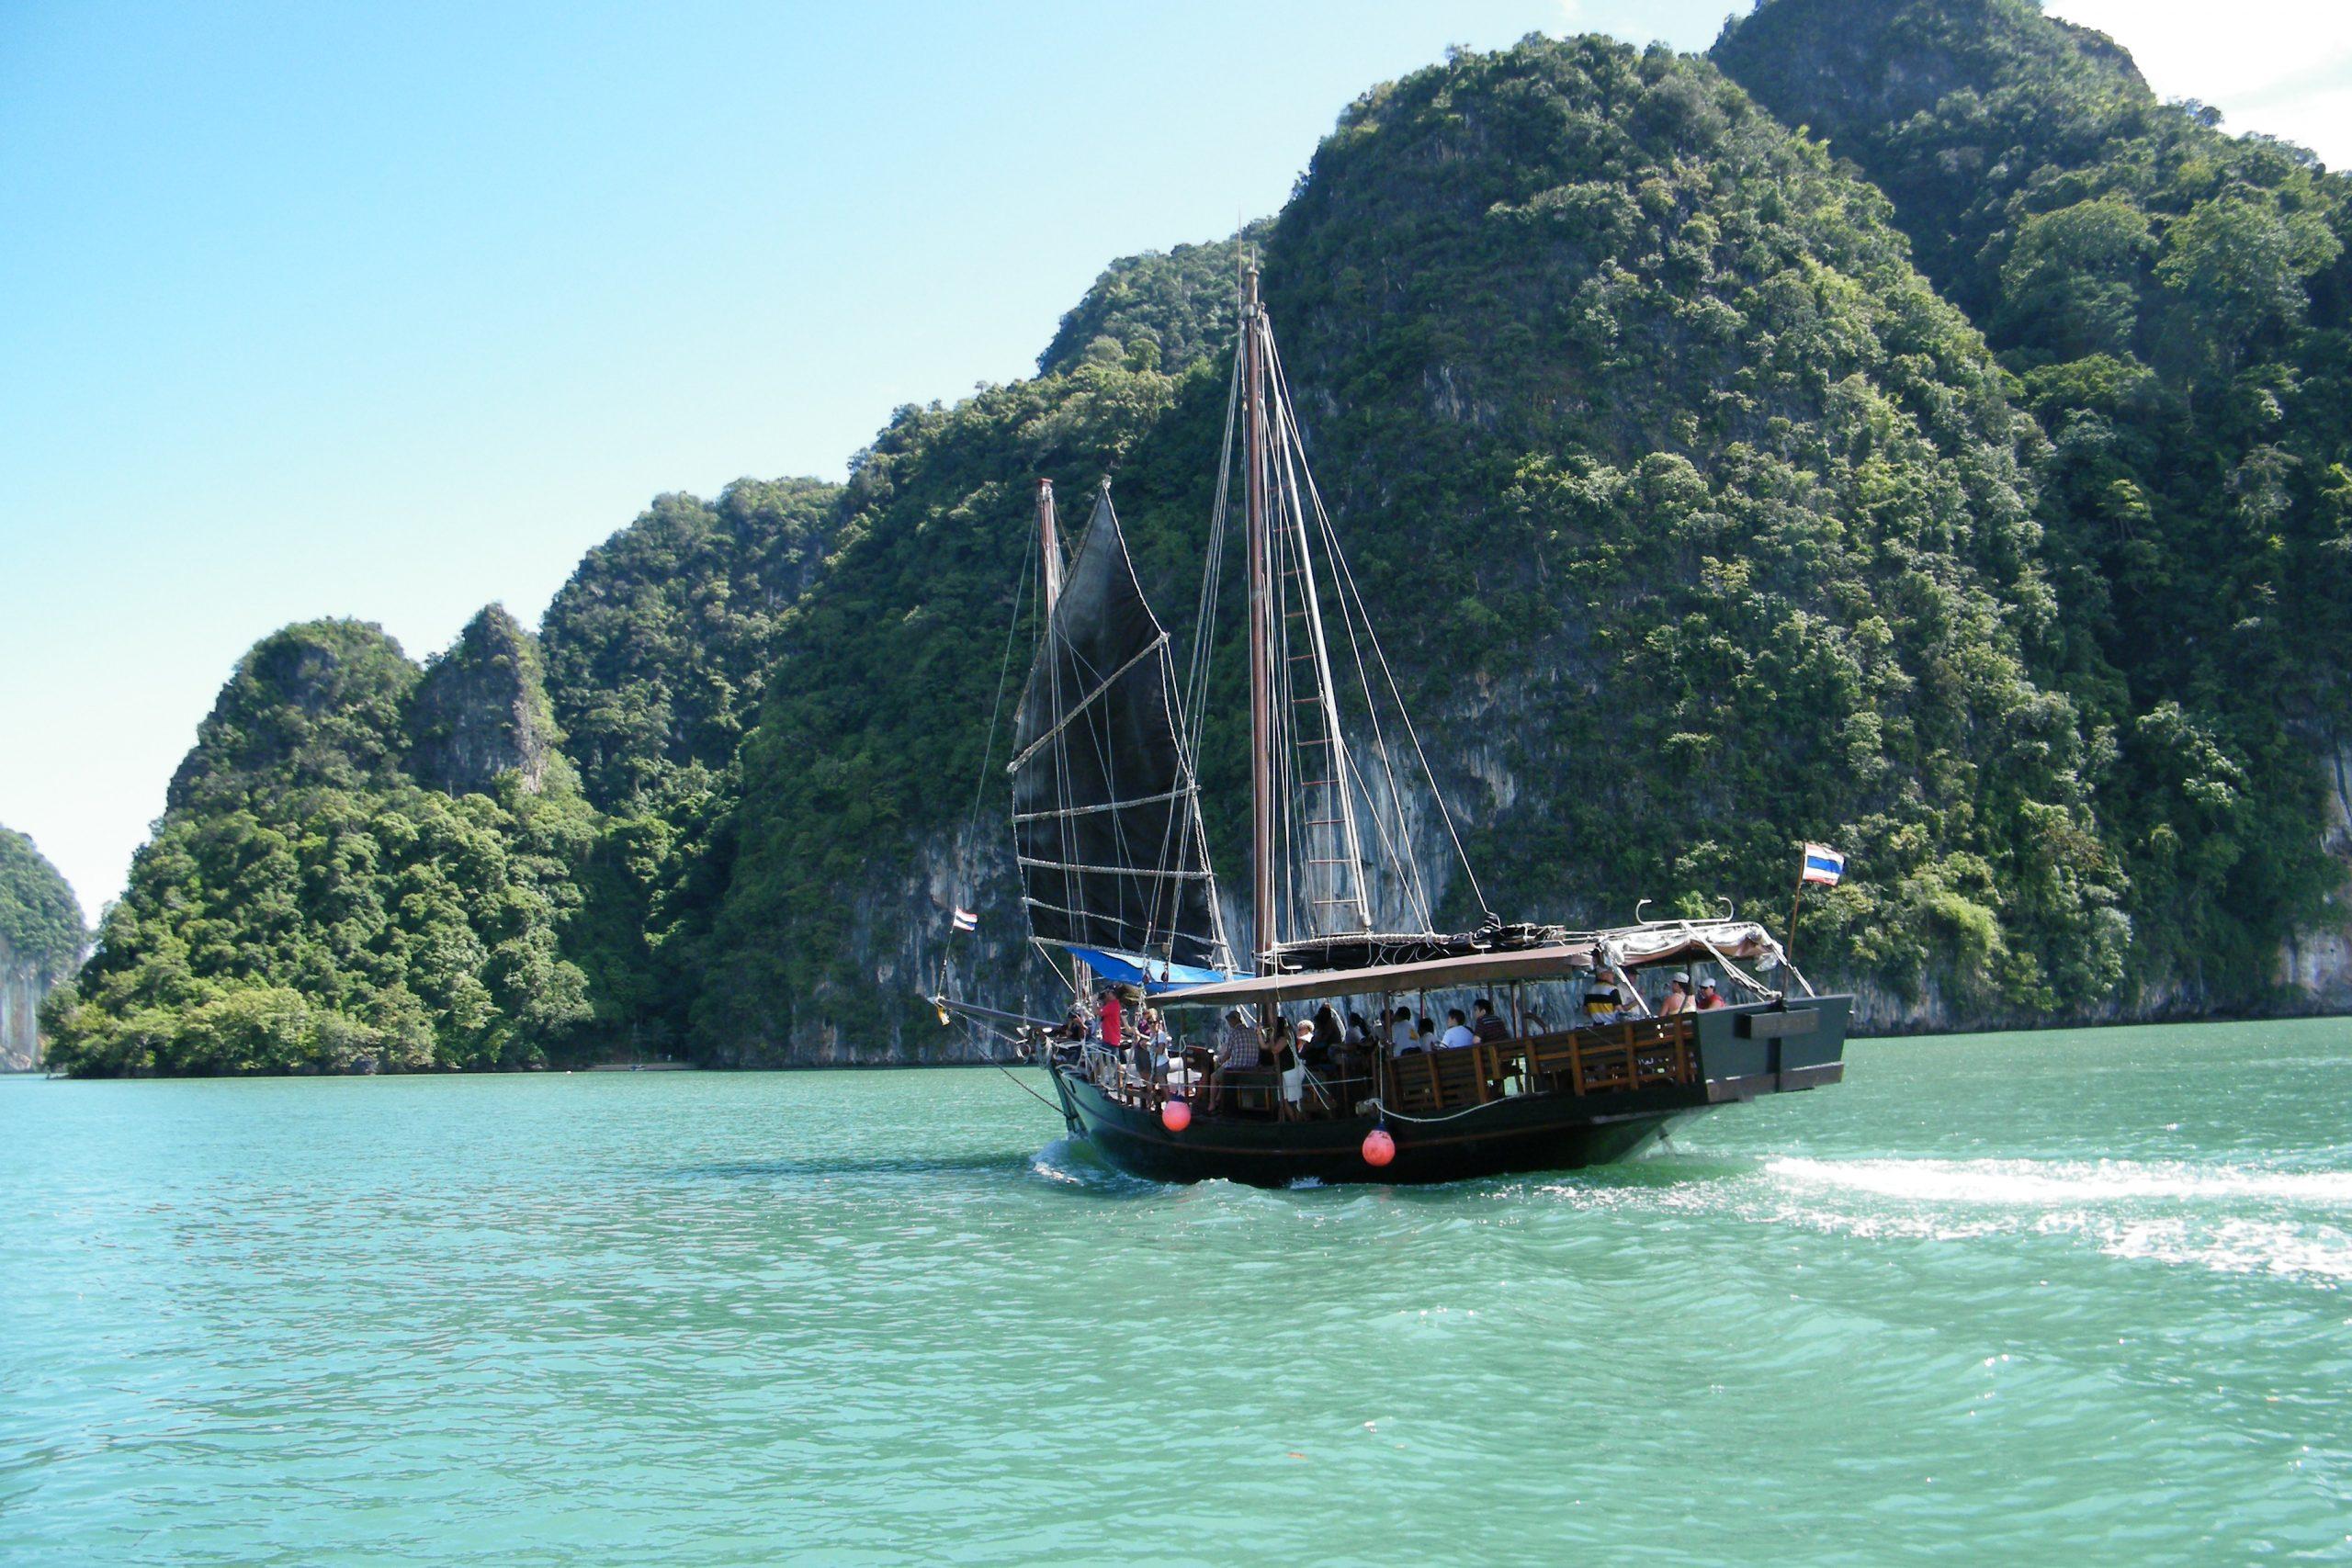 Live Travel med adresse i Valby ved København sendte sine gæster til Asien, navnlig Thailand. Arkivfoto fra området ved Phuket, Thailands største ø: Henrik Baumgarten.